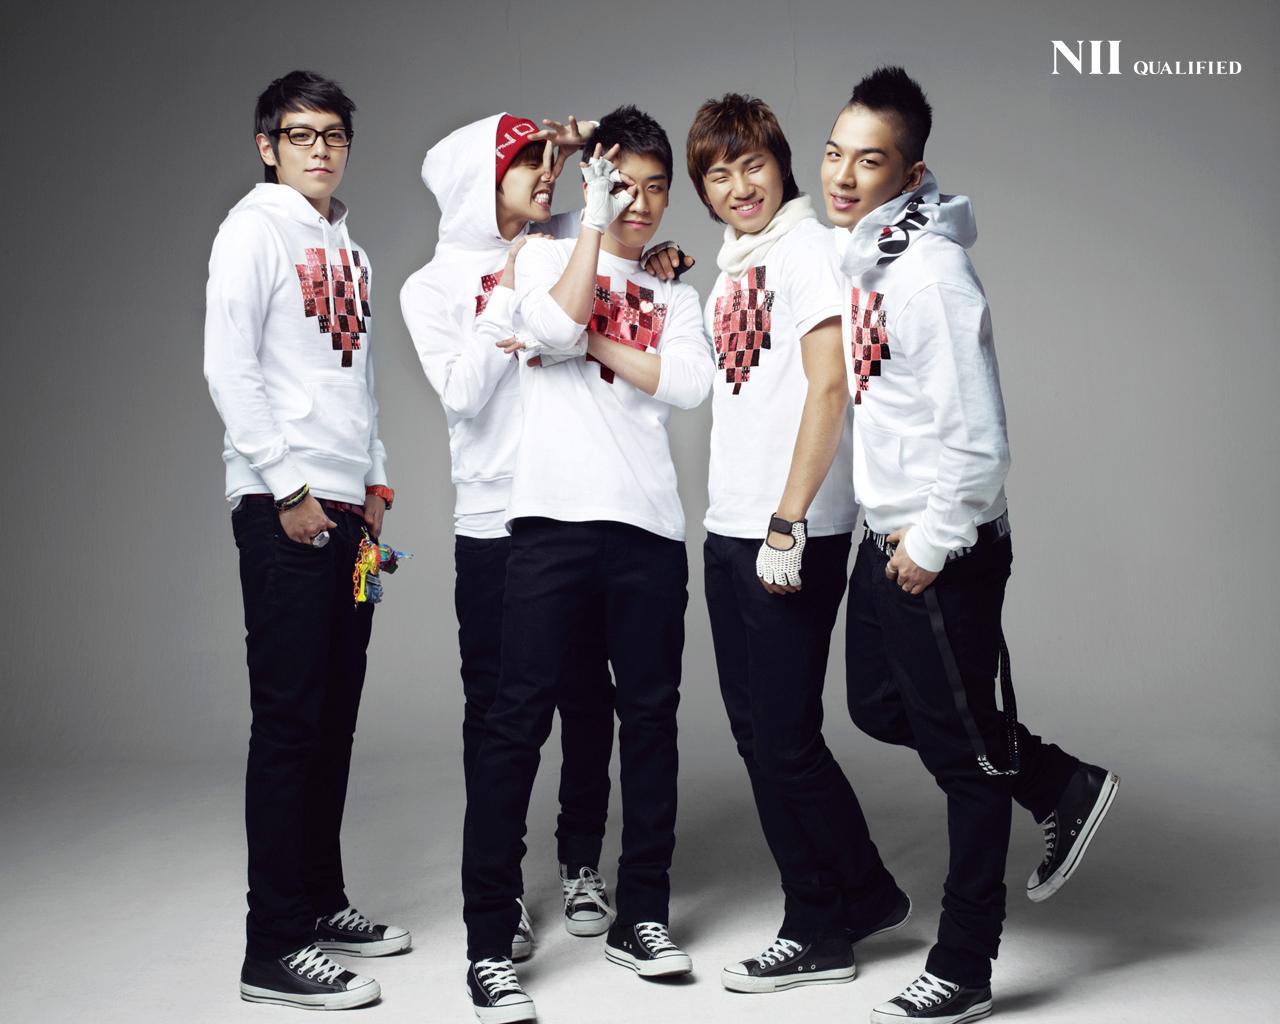 kpop big bang members